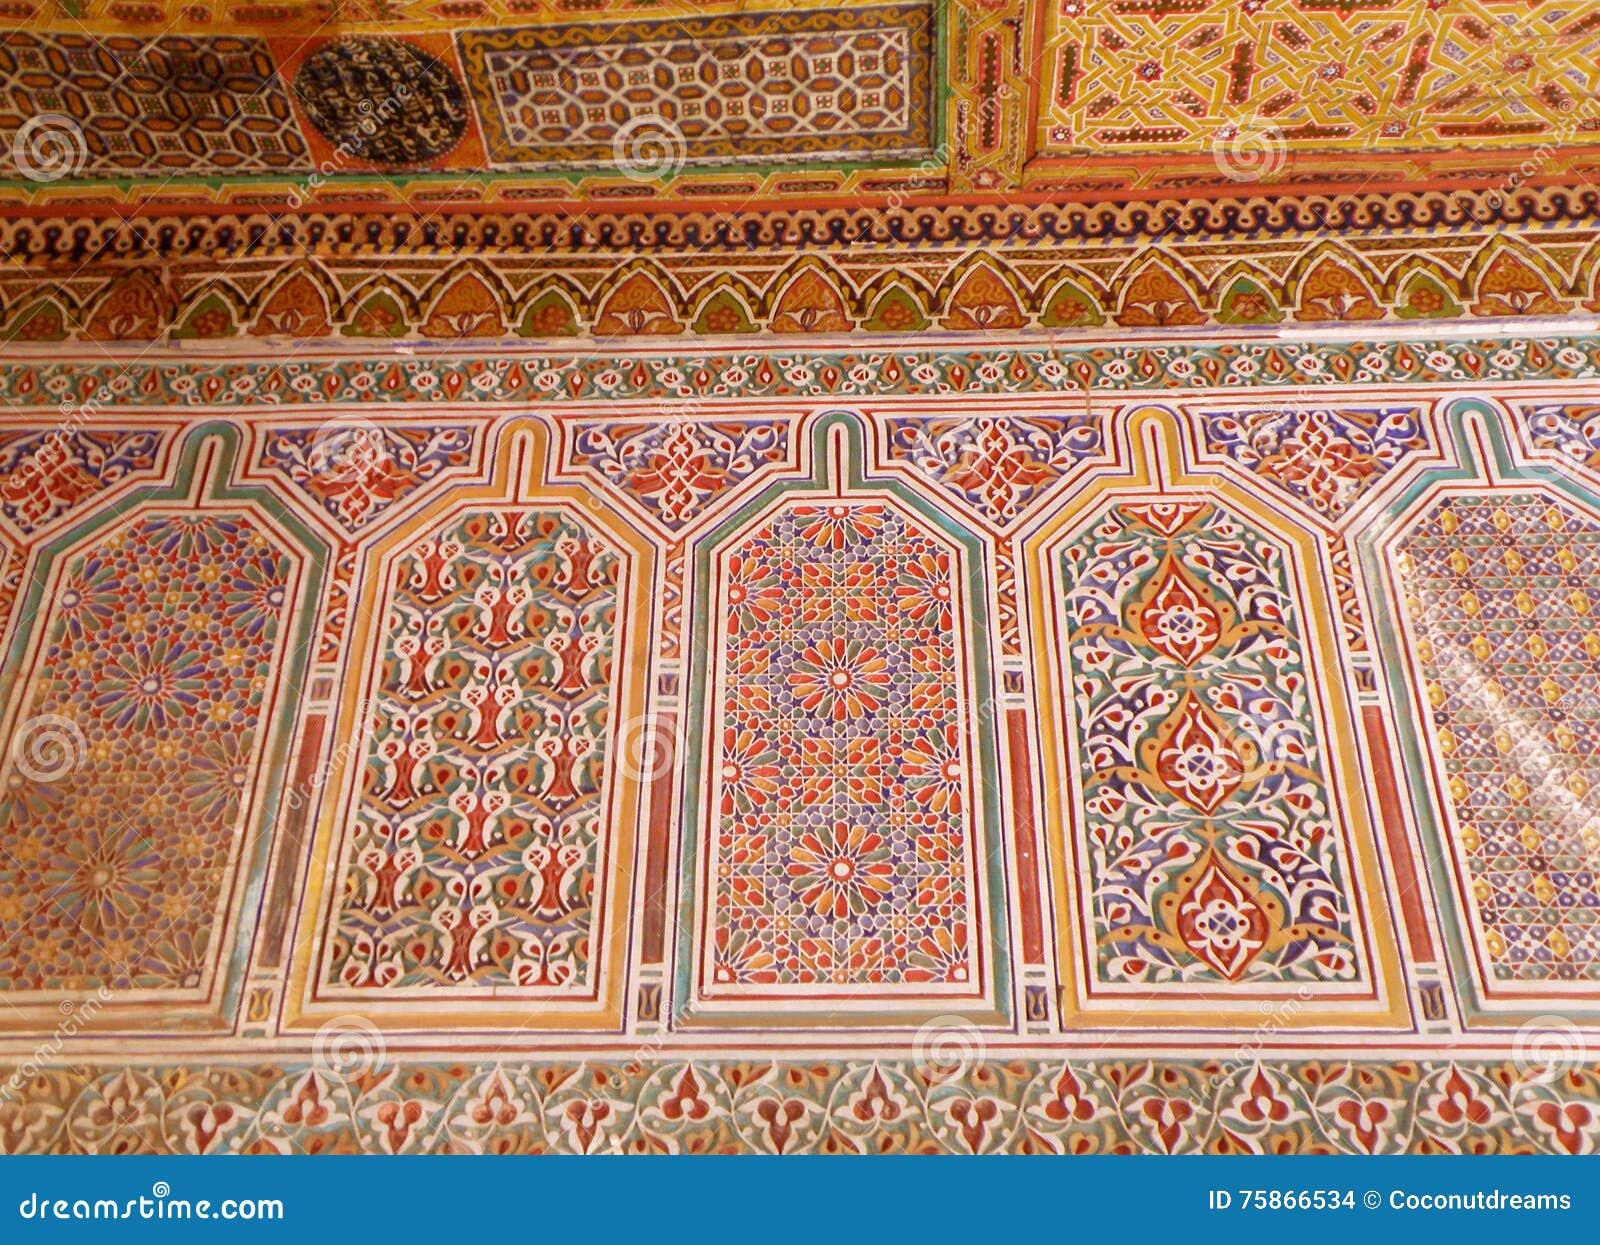 De marokkaanse decoratie van de stijl kleurrijke muur in bahia